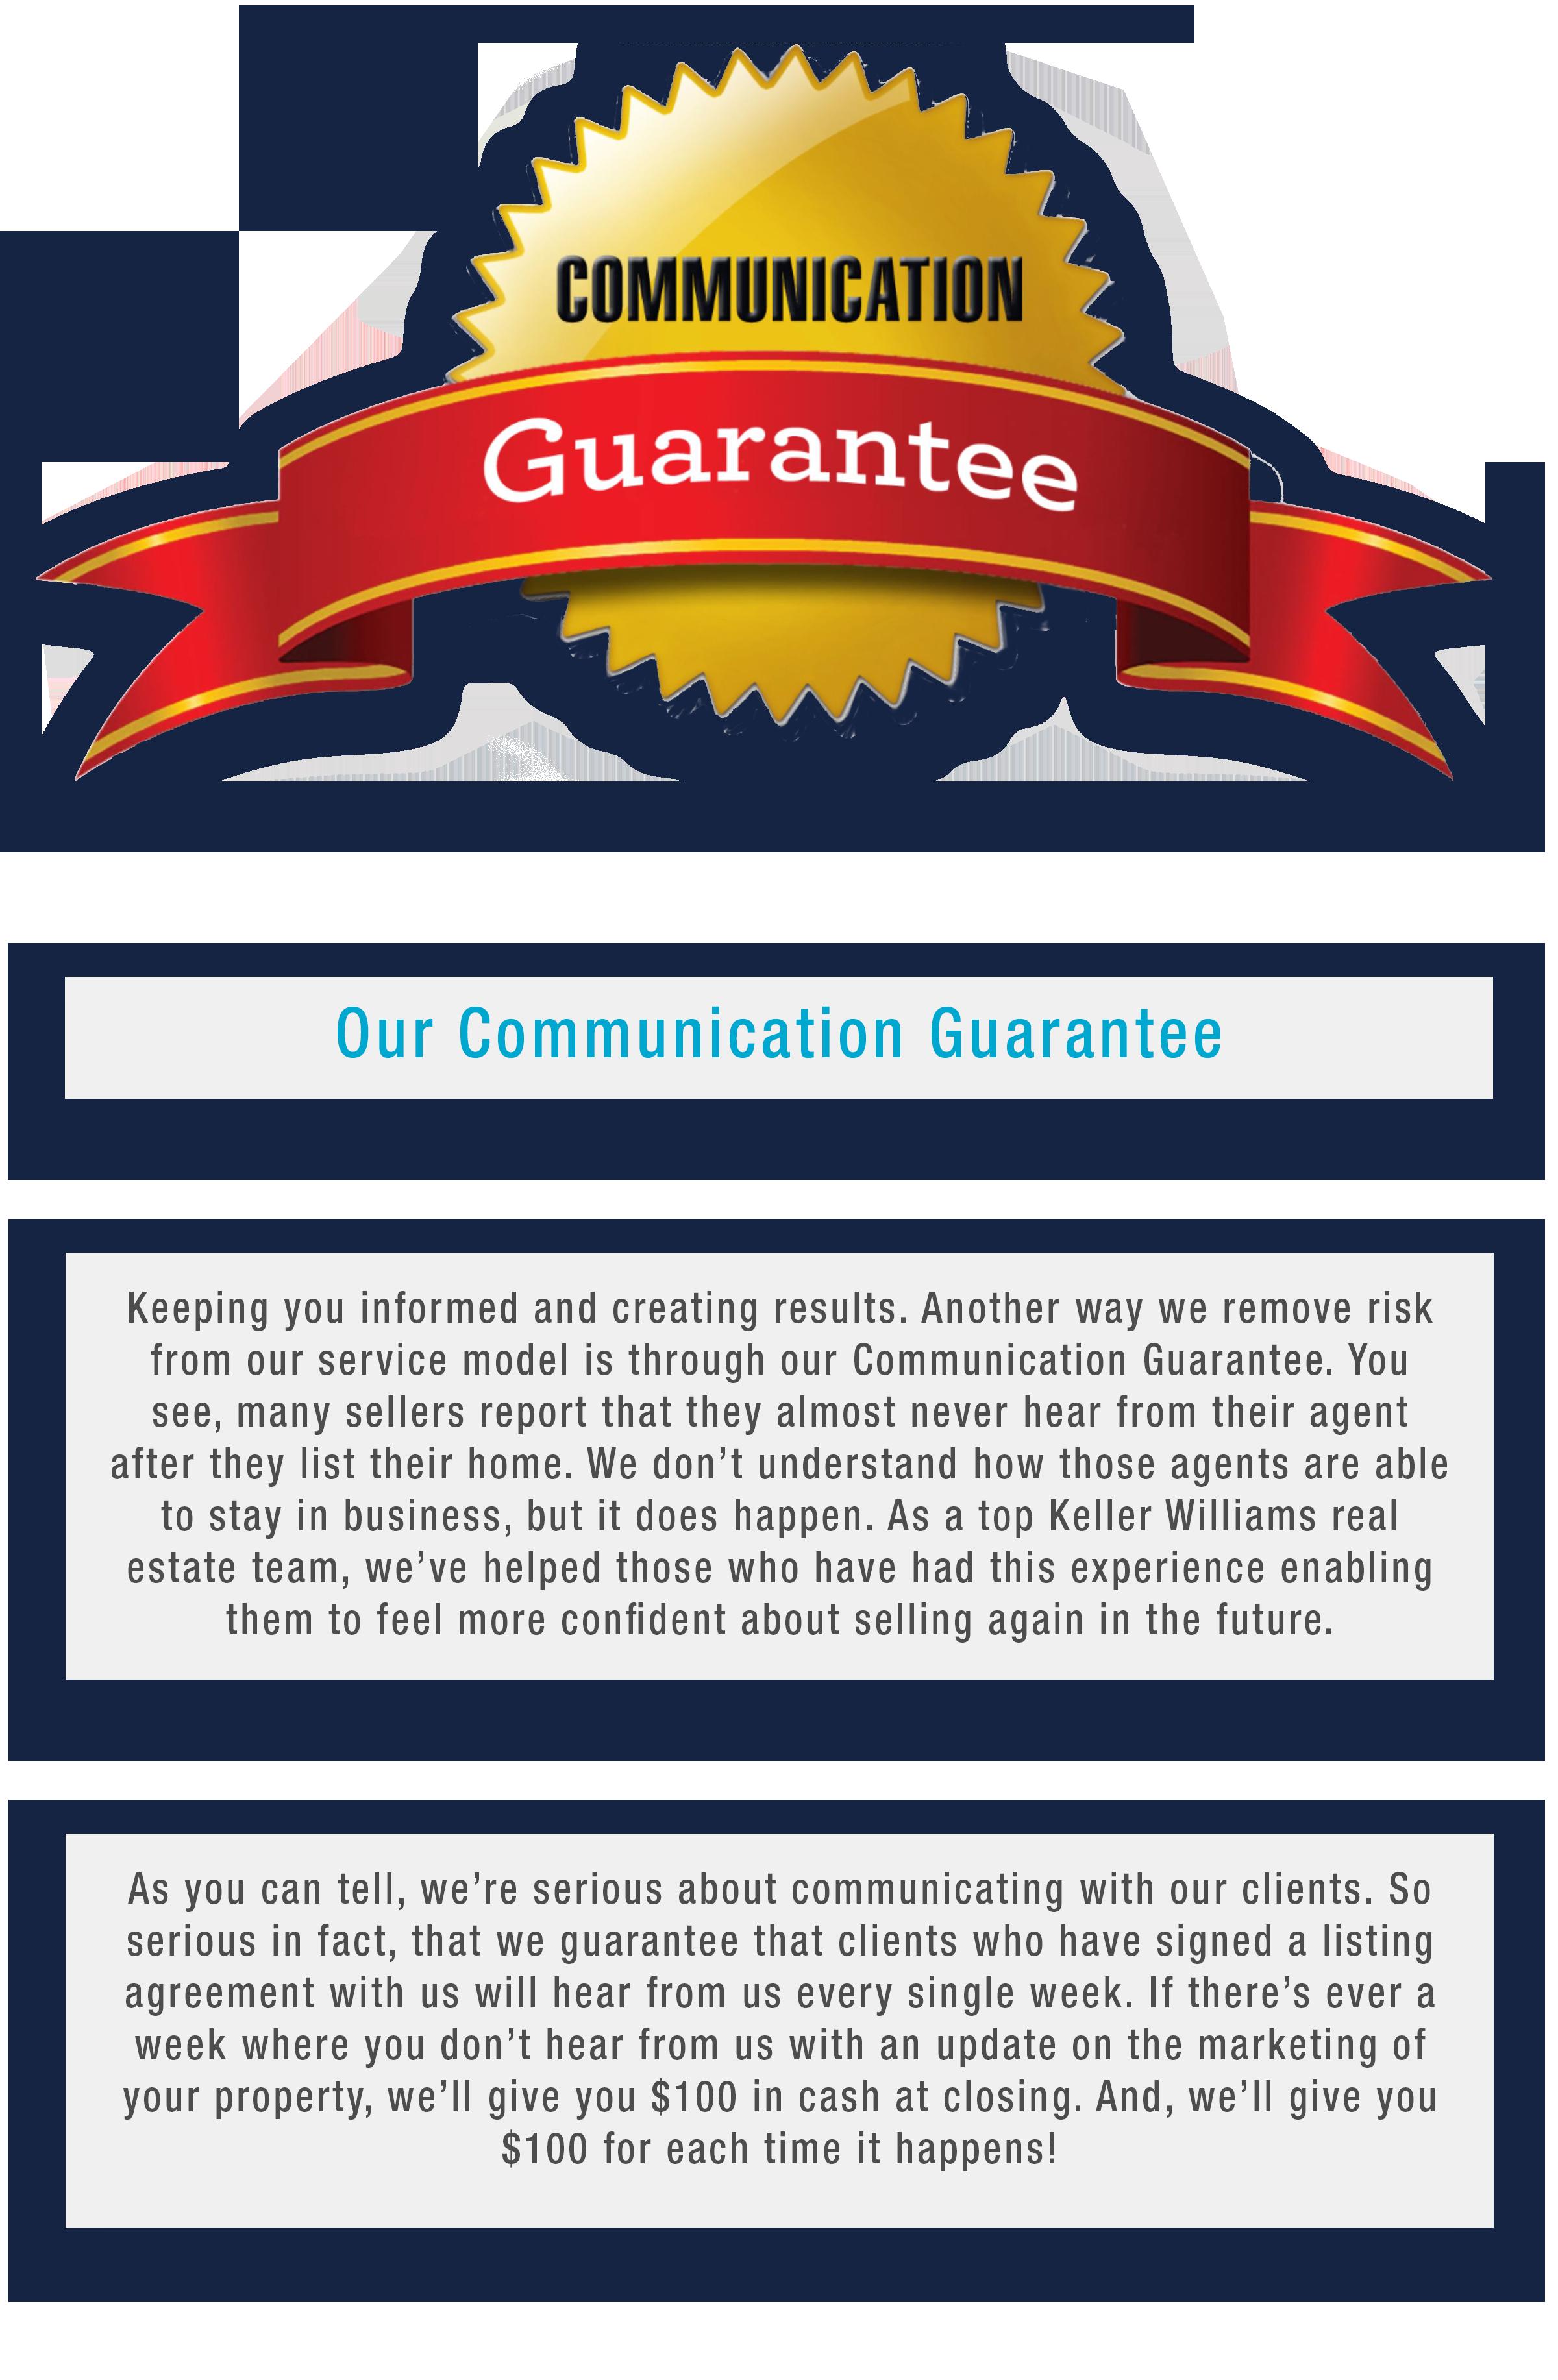 LP - AboutUs - Guarantee.png